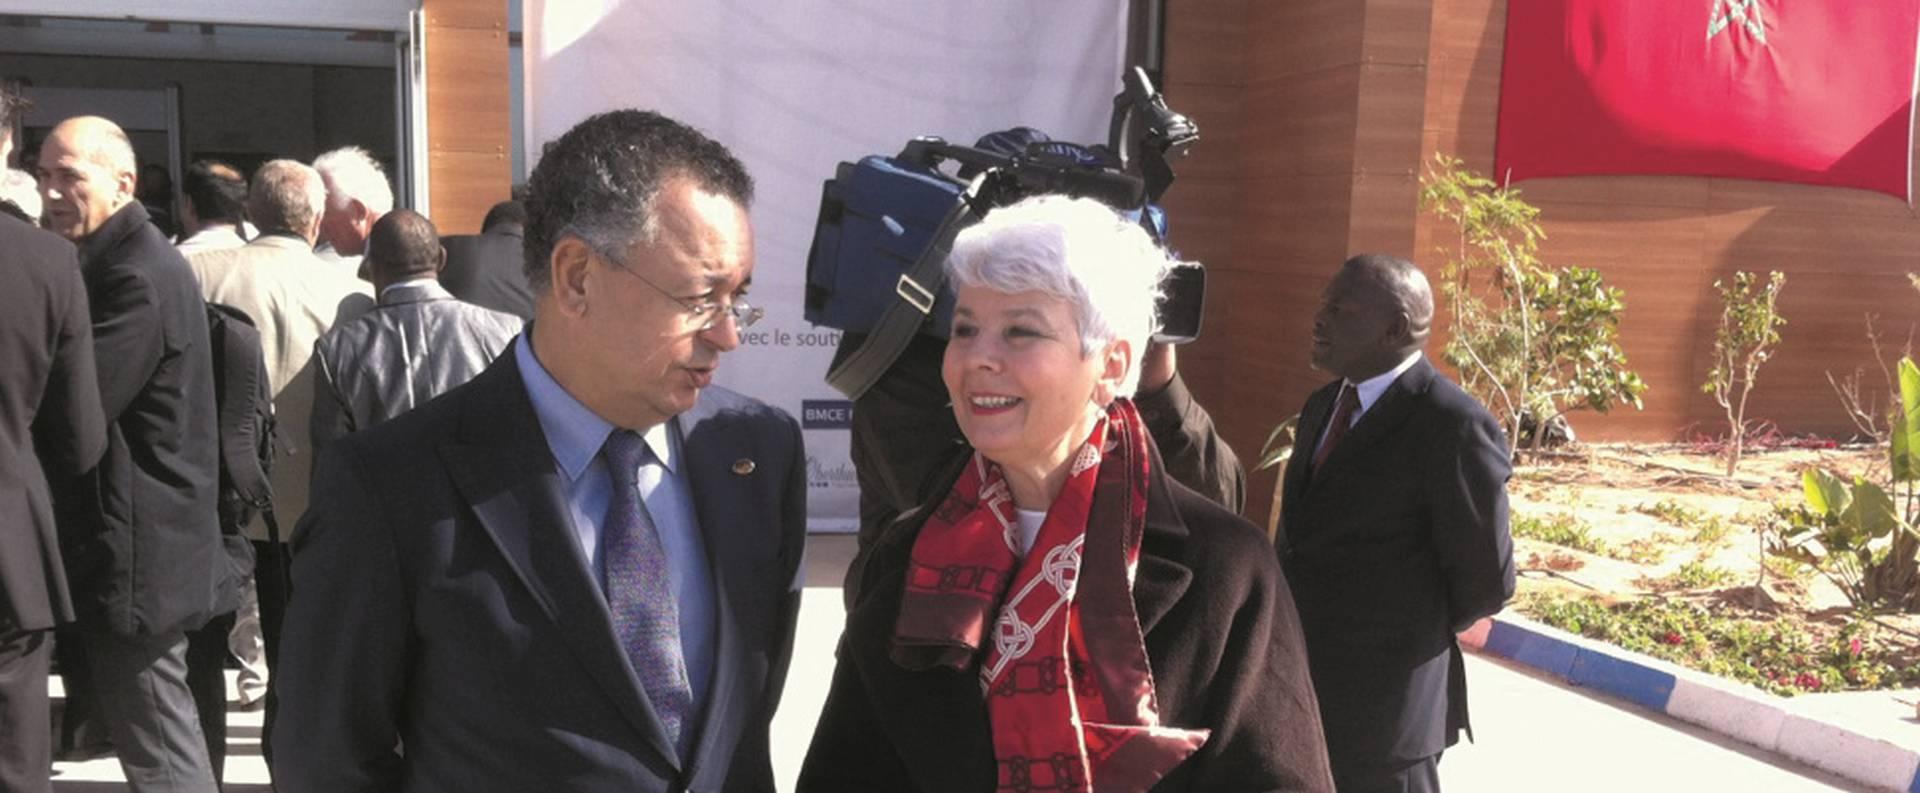 Jadranka Kosor i Josipović na Crans Montana Forumu